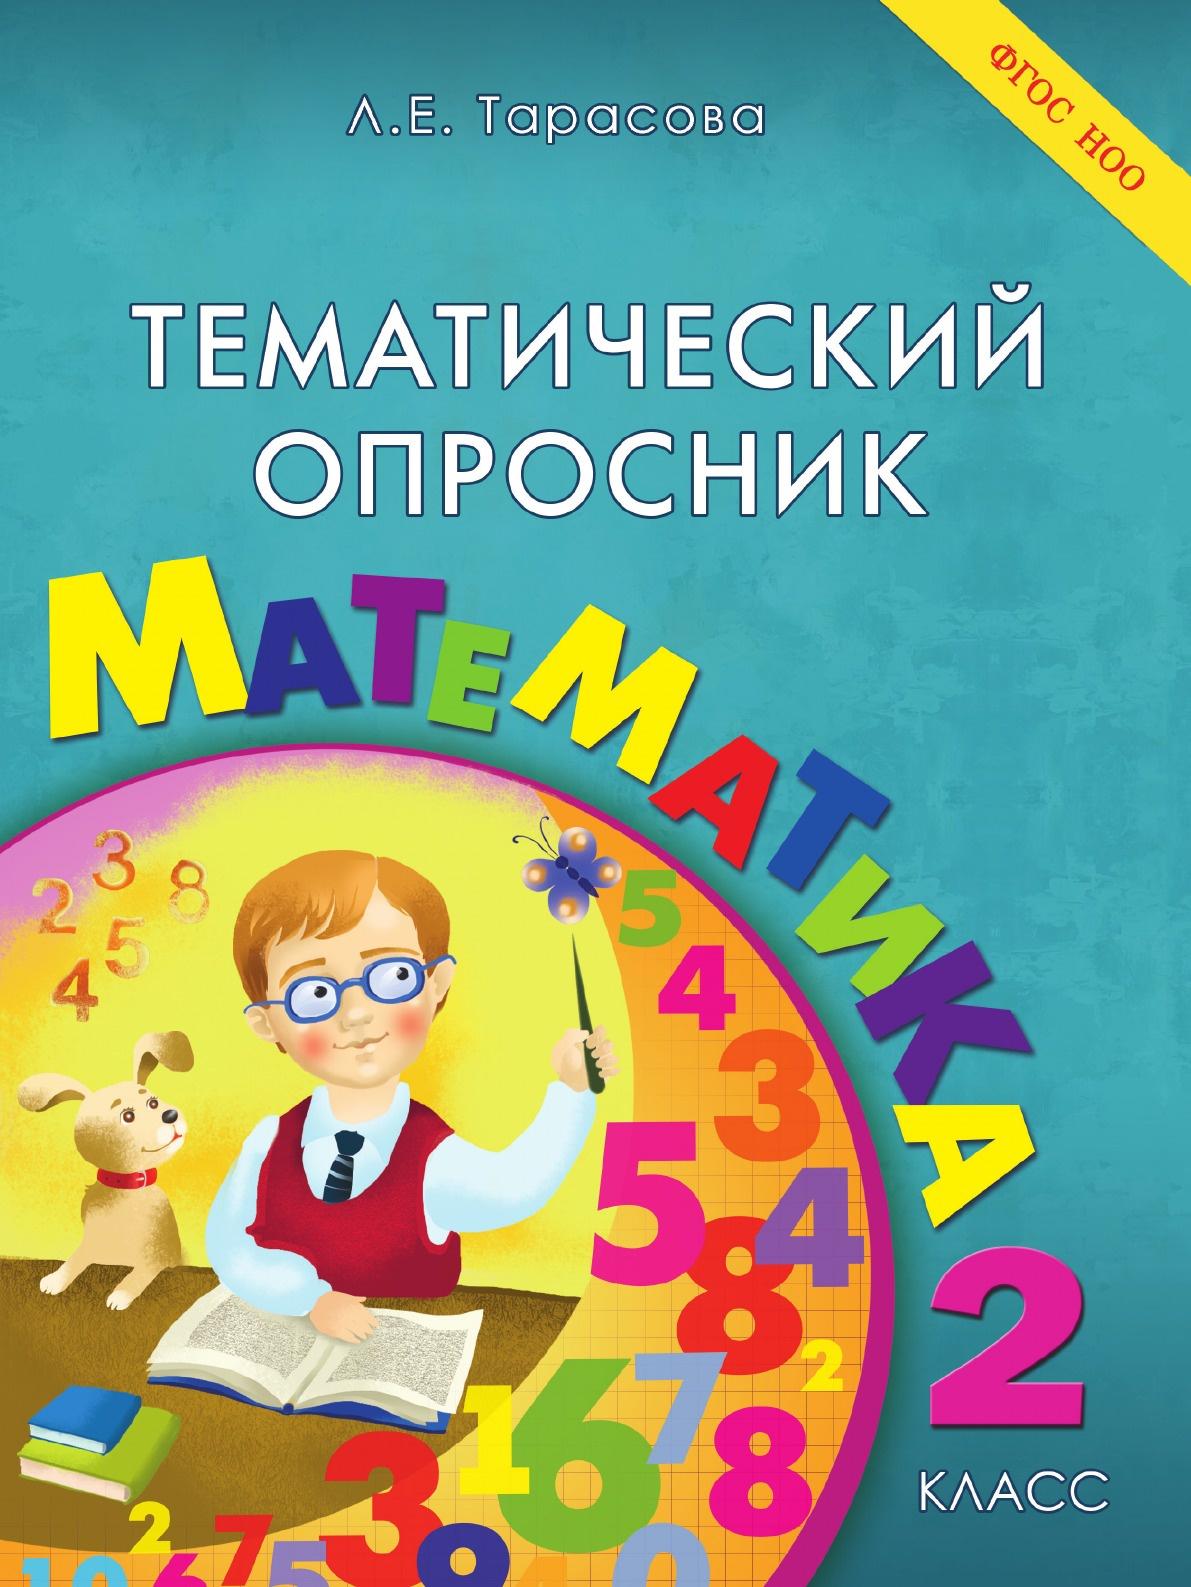 Тарасова Л.Е. Тематический опросник по математике. 2-й класс. ФГОС тарасова л е тематический опросник по математике 3 класс фгос